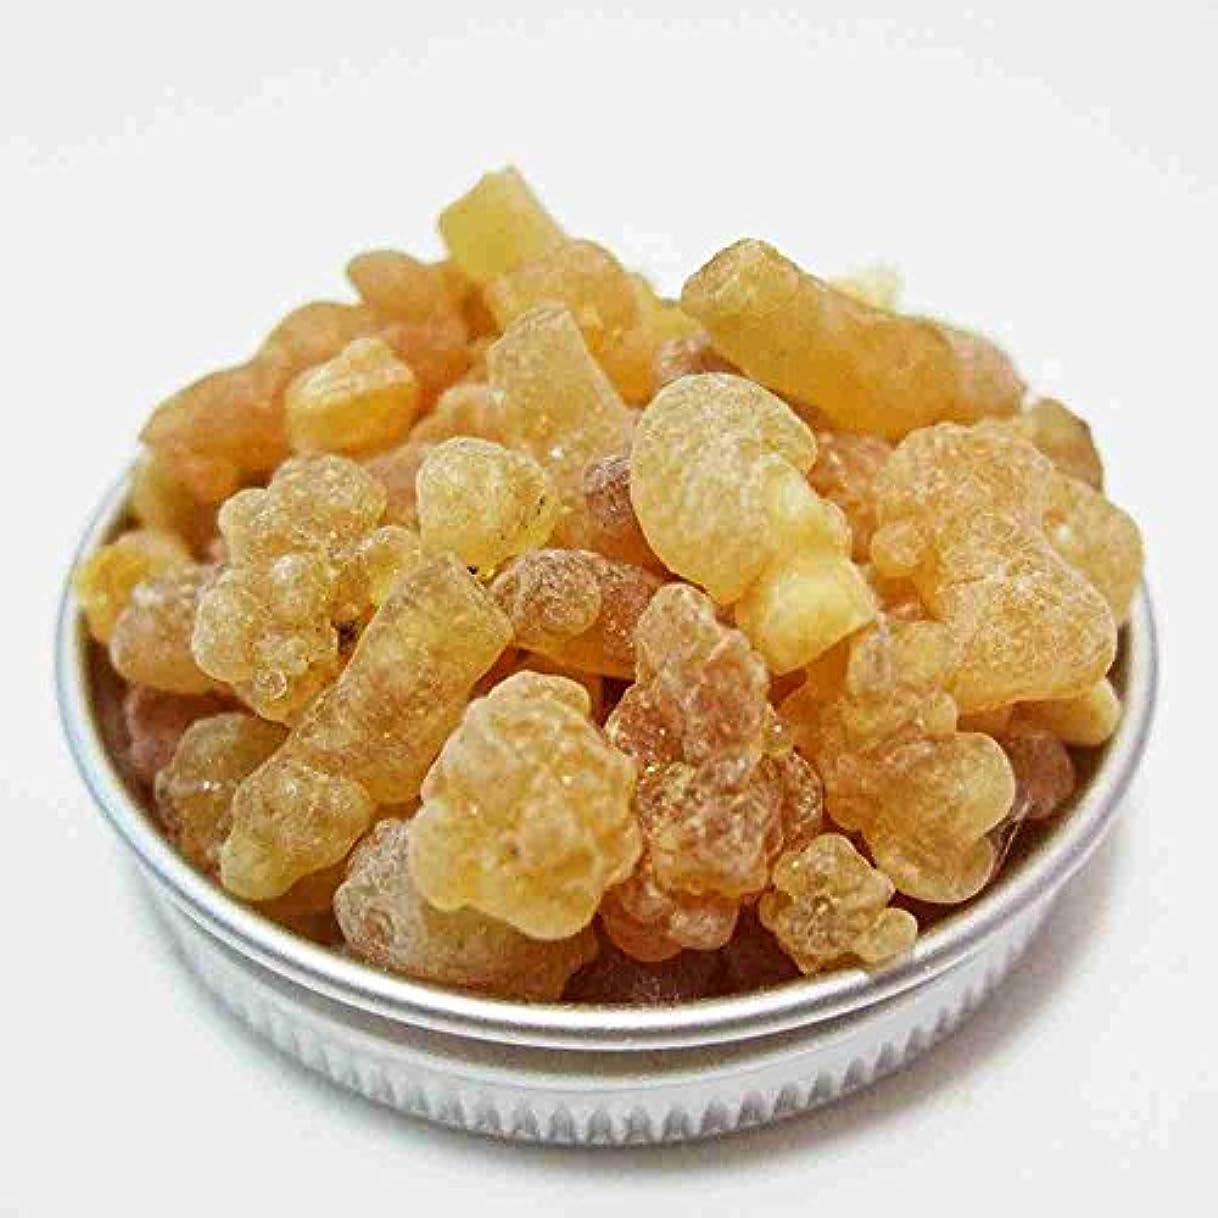 食事請願者柔らかい足フランキンセンス Frsnkincense (乳香) 天然樹脂香 フランキンセンス(乳香), 1 Ounce (28 g)